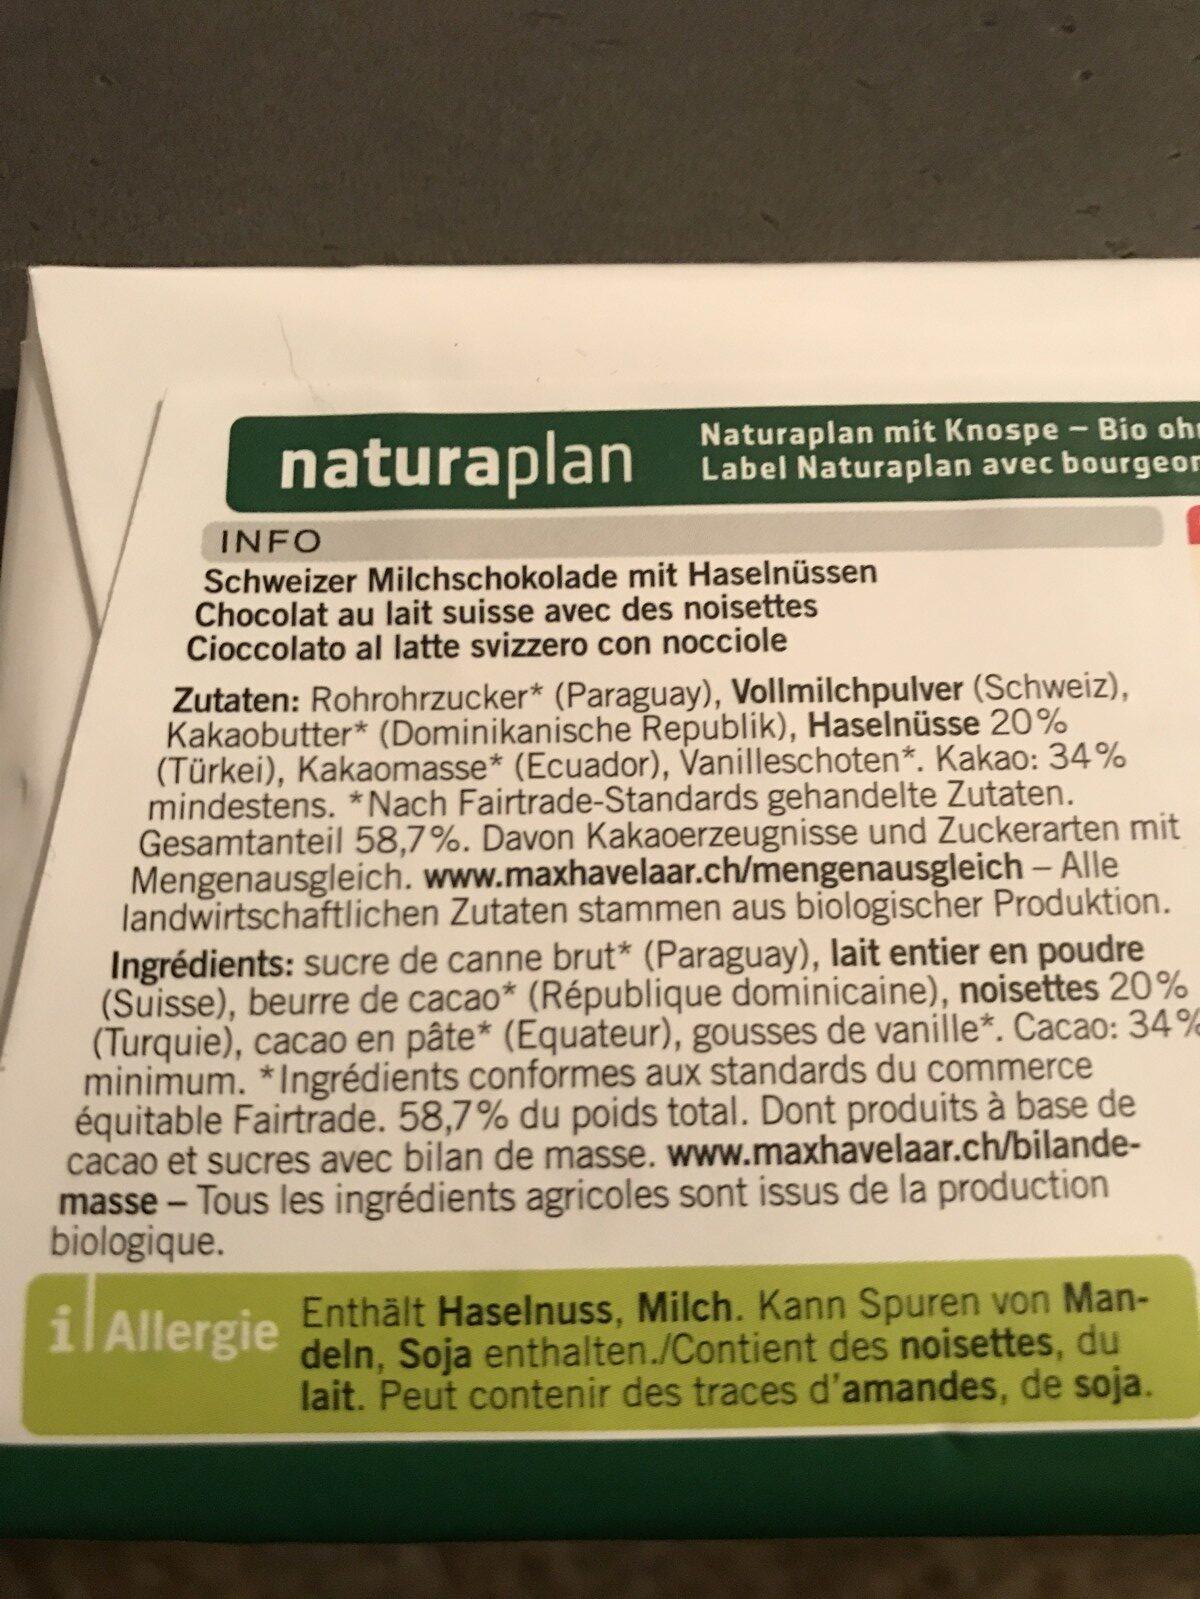 Coop Naturaplan Max Havelaar Bio Milch nuss - Ingredients